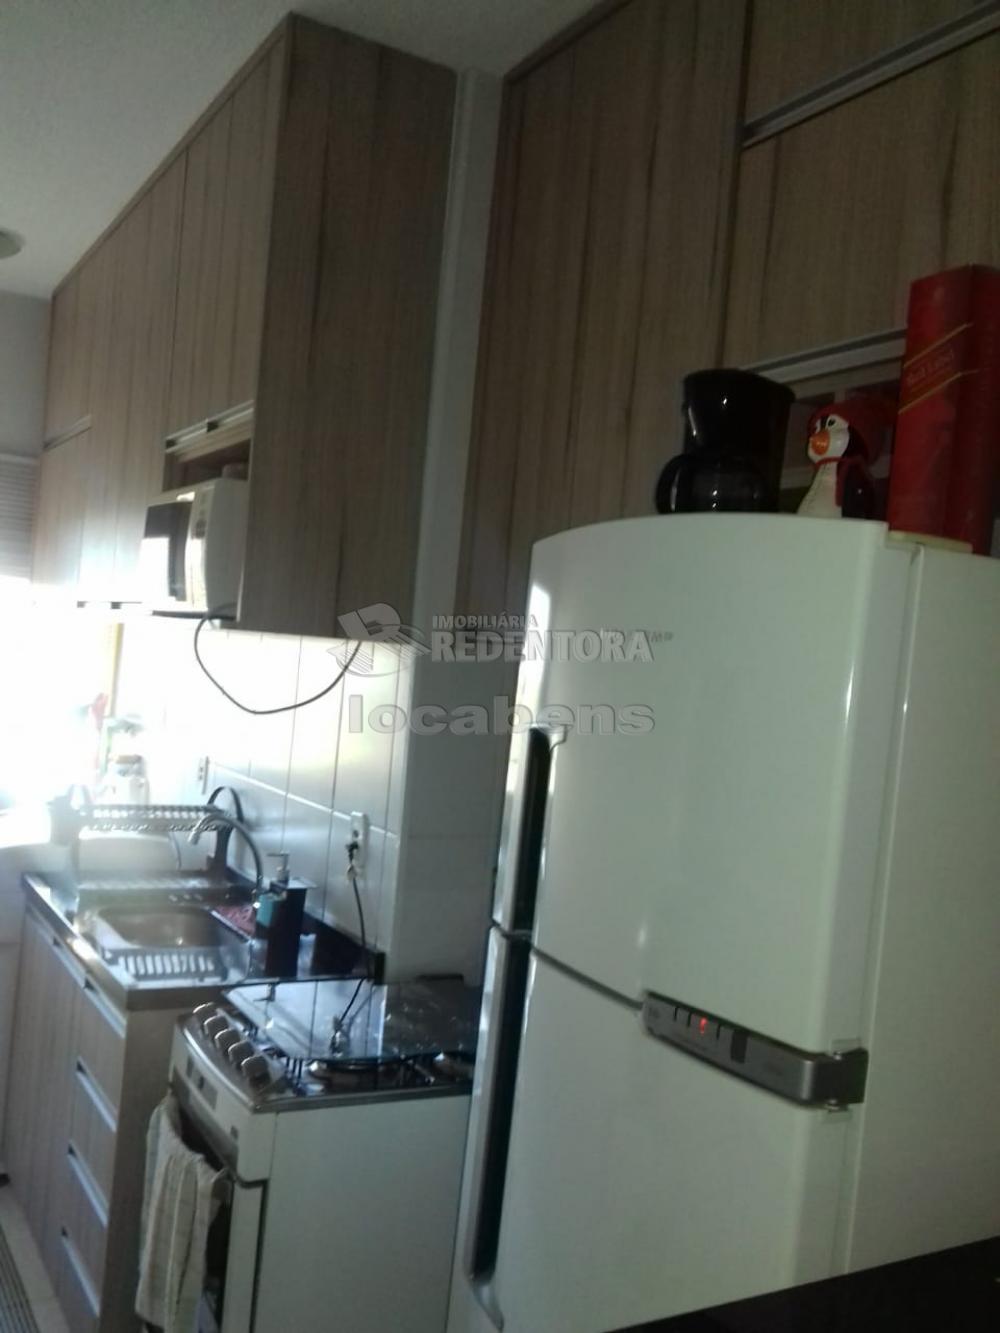 Comprar Apartamento / Padrão em São José do Rio Preto R$ 185.000,00 - Foto 7